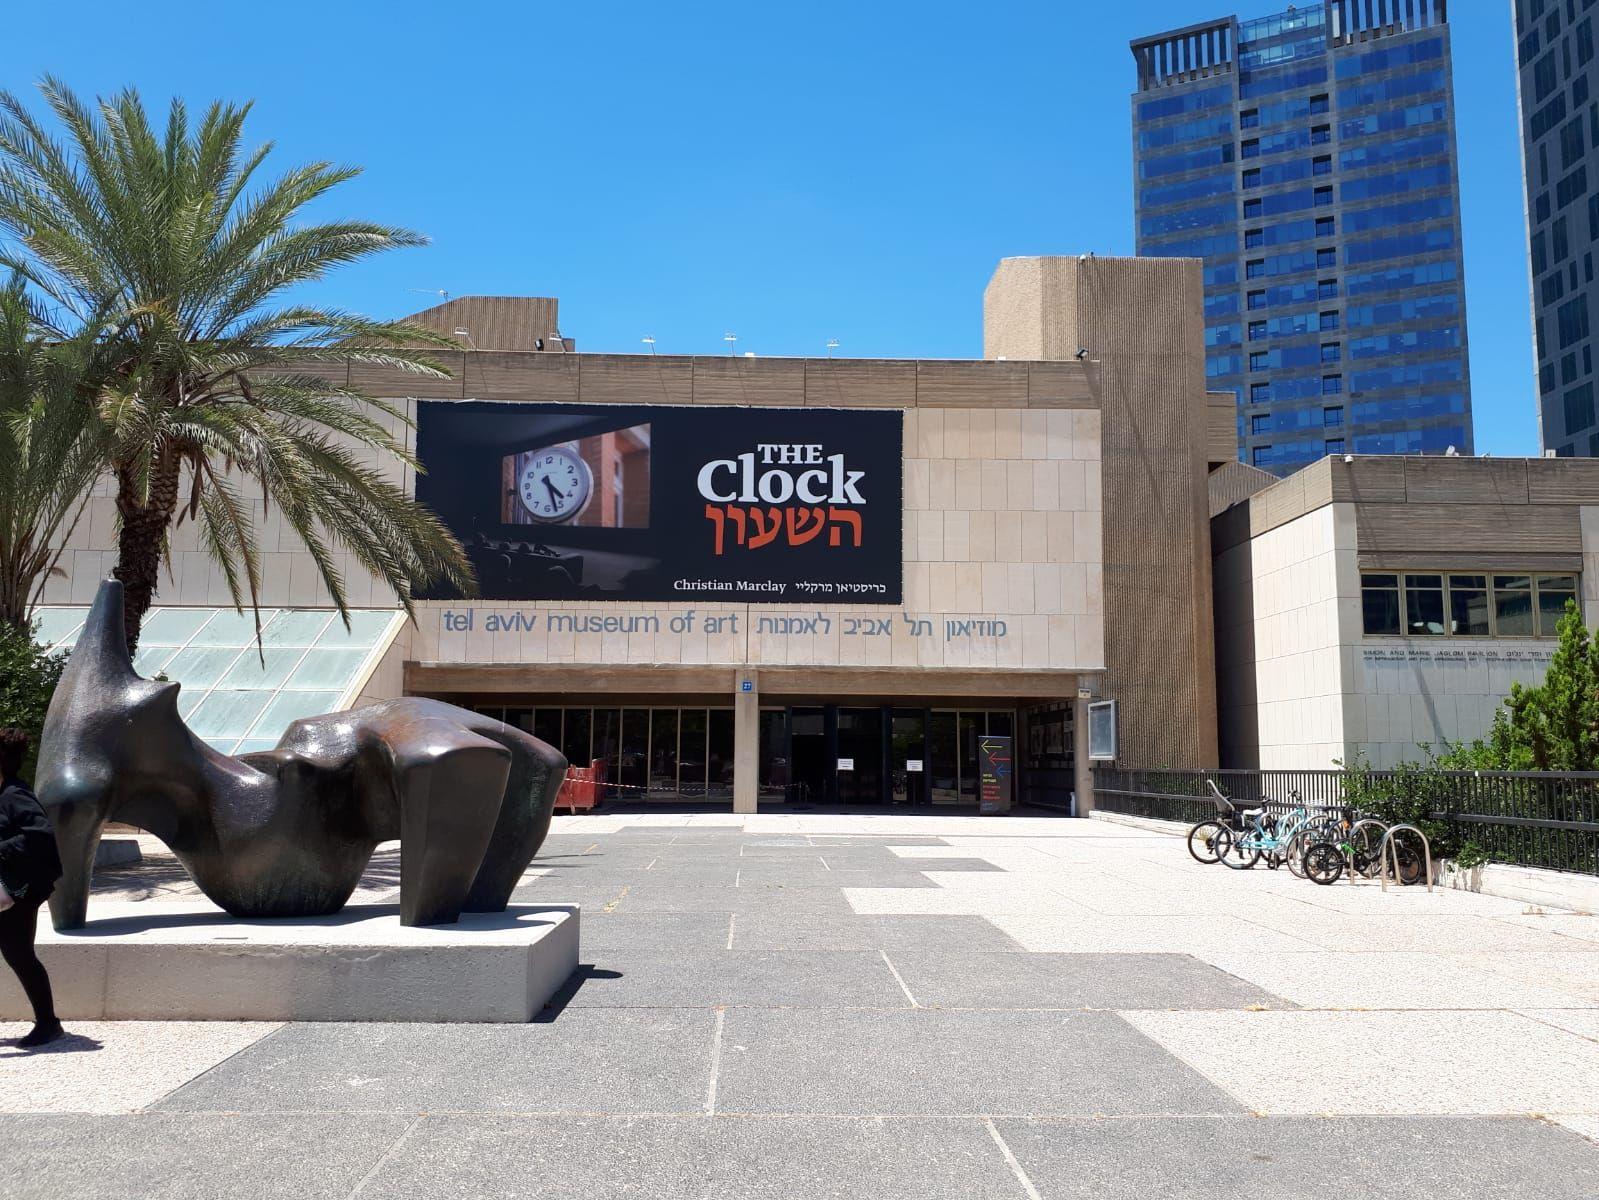 מוזיאון תל אביב לאמנות תמונה מספר 14